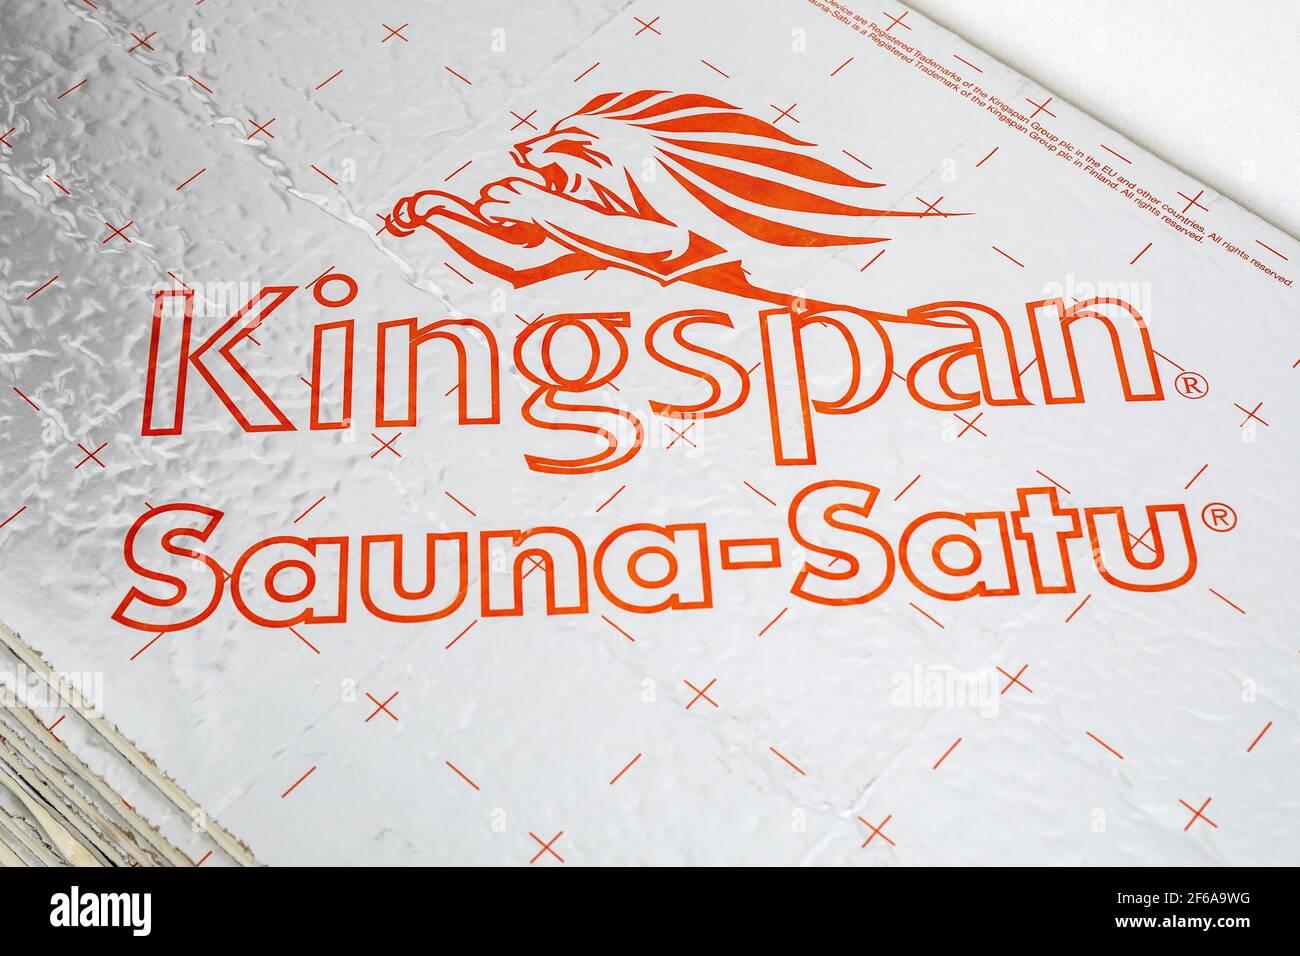 Riga, Lettonia 19 marzo 2021: Kingspan Sauna-Satu. Pannelli di isolamento termico per saune e ambienti umidi. Il gruppo Kingspan è un'azienda globale Foto Stock